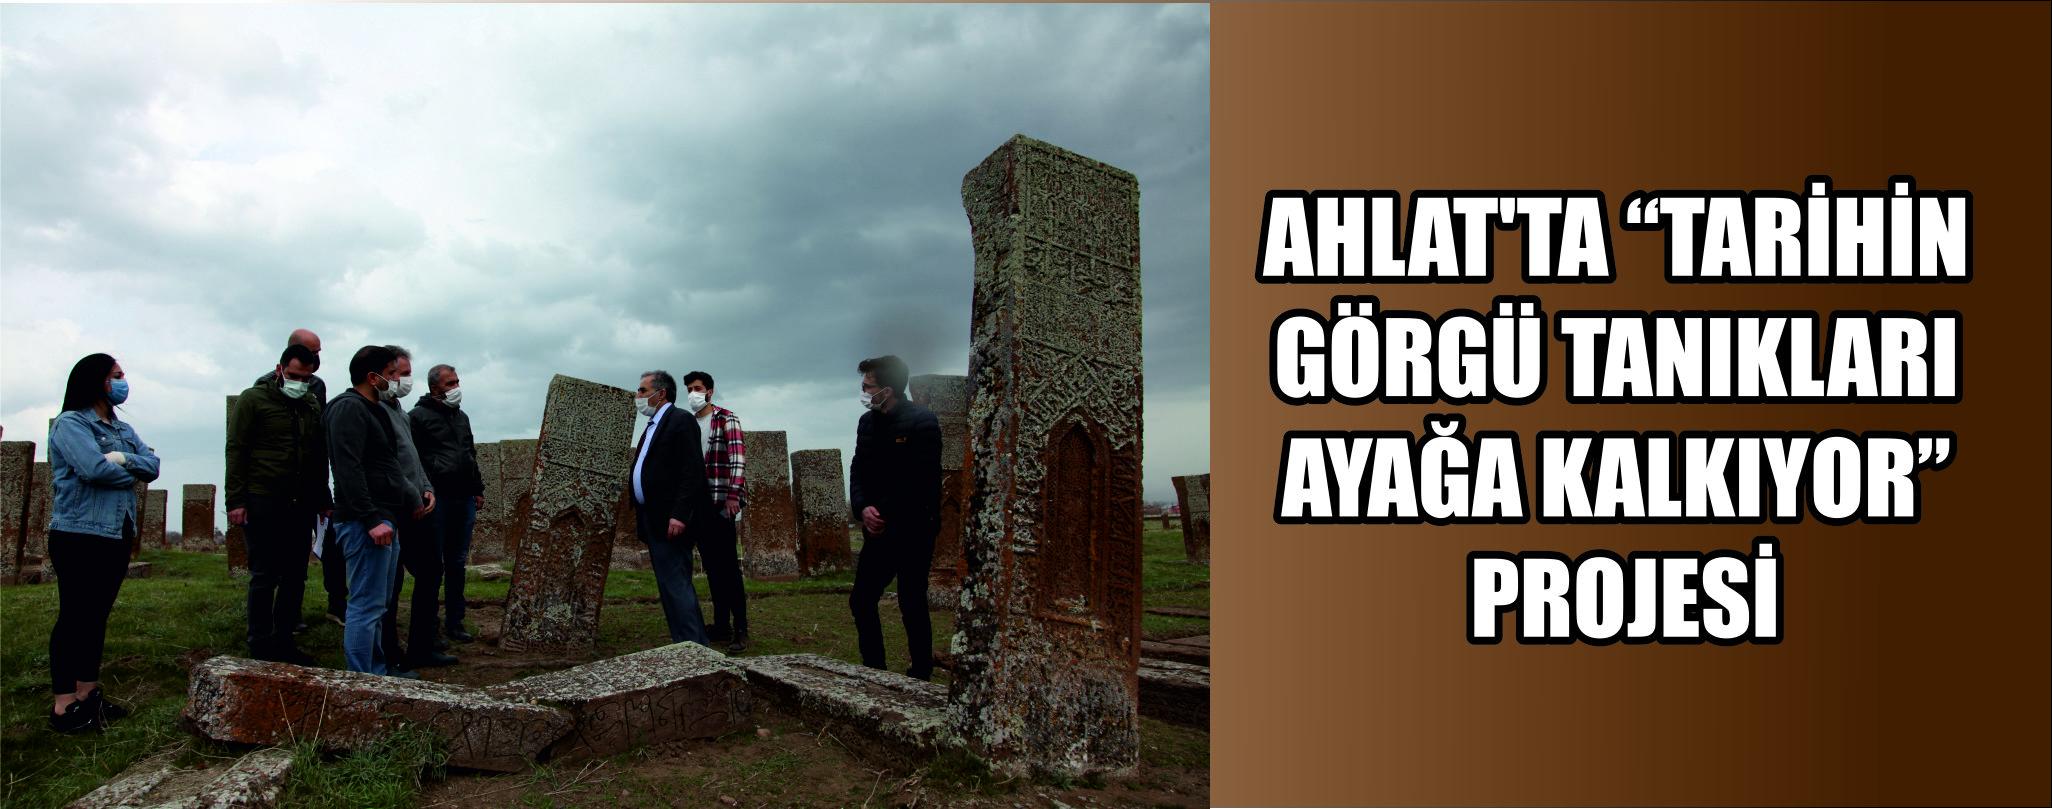 """Ahlat'ta """"Tarihin Görgü Tanıkları Ayağa Kalkıyor"""" Projesi"""